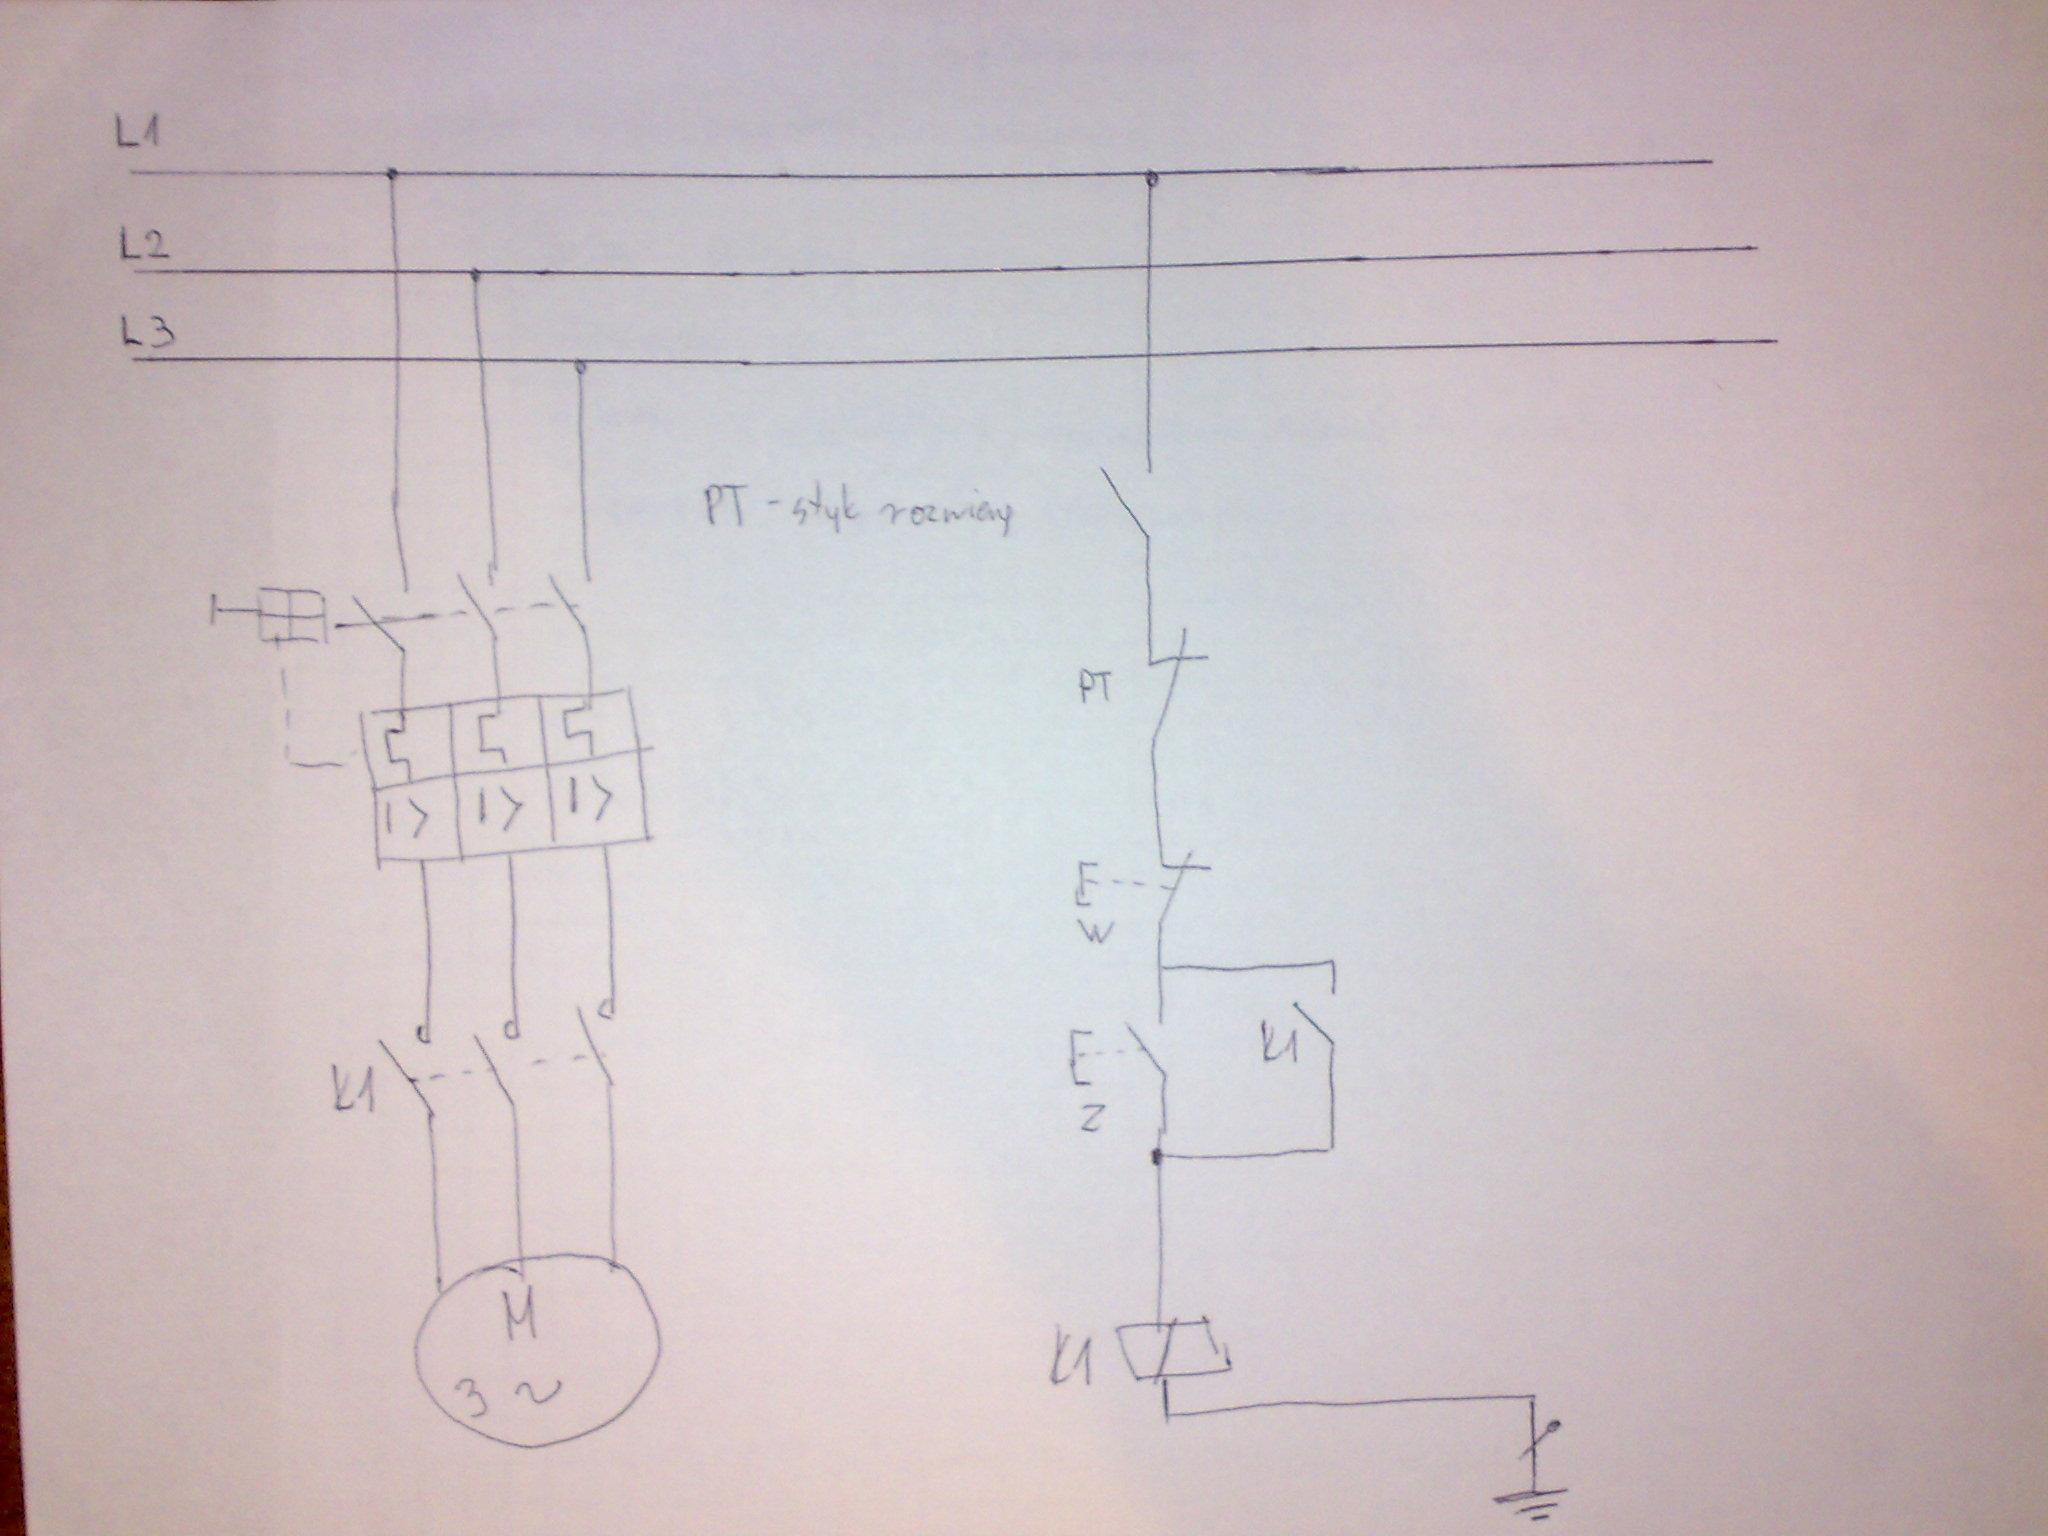 Schemat rozruchu silnika w sieci IT